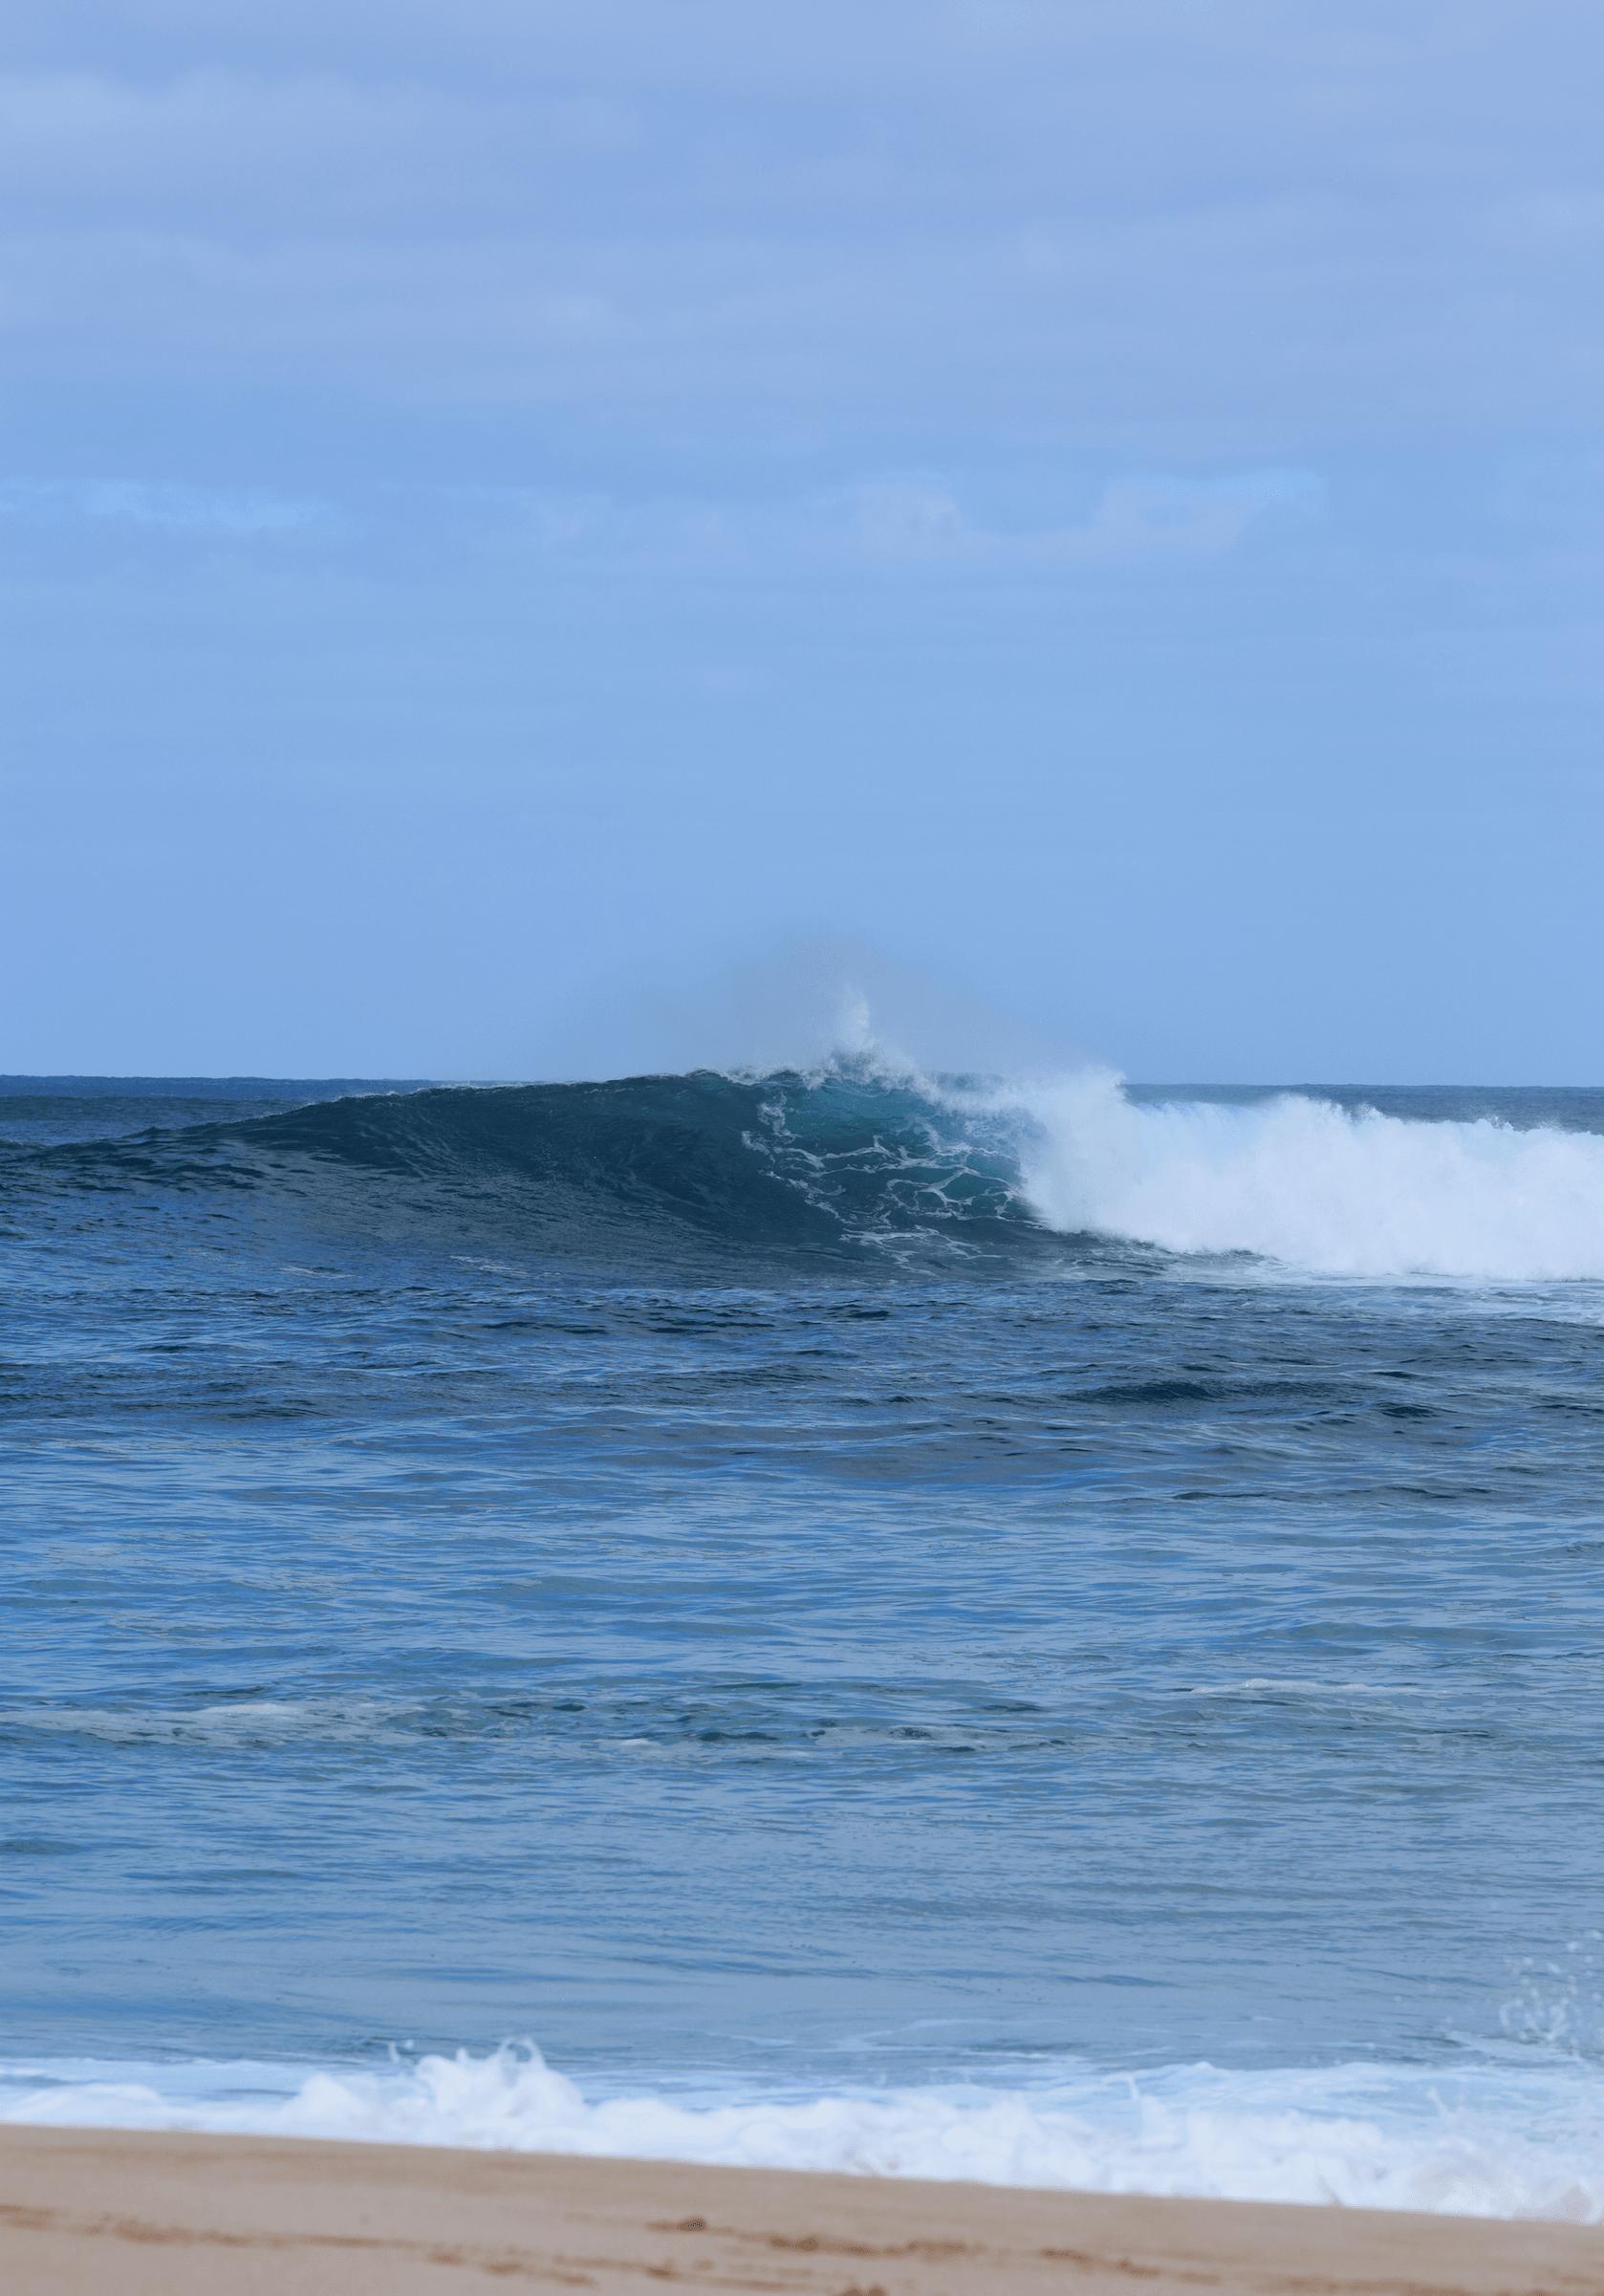 North Shore Hawaii Waves At Waimea Bay - North Shore Waves - Haleiwa Hawaii - Waimea Bay Waves - Waves At North Shore - Winter Waves Hawaii - Oahu Surf Waves - North Shore Oahu Waves - North Shore Hawaii Waves - North Shore Surf Report - North Shore Surf - Oahu North Shore Wave Height - North Shore Hawaii Surfing - Surfing North Shore Oahu #hawaii #oahu #surf